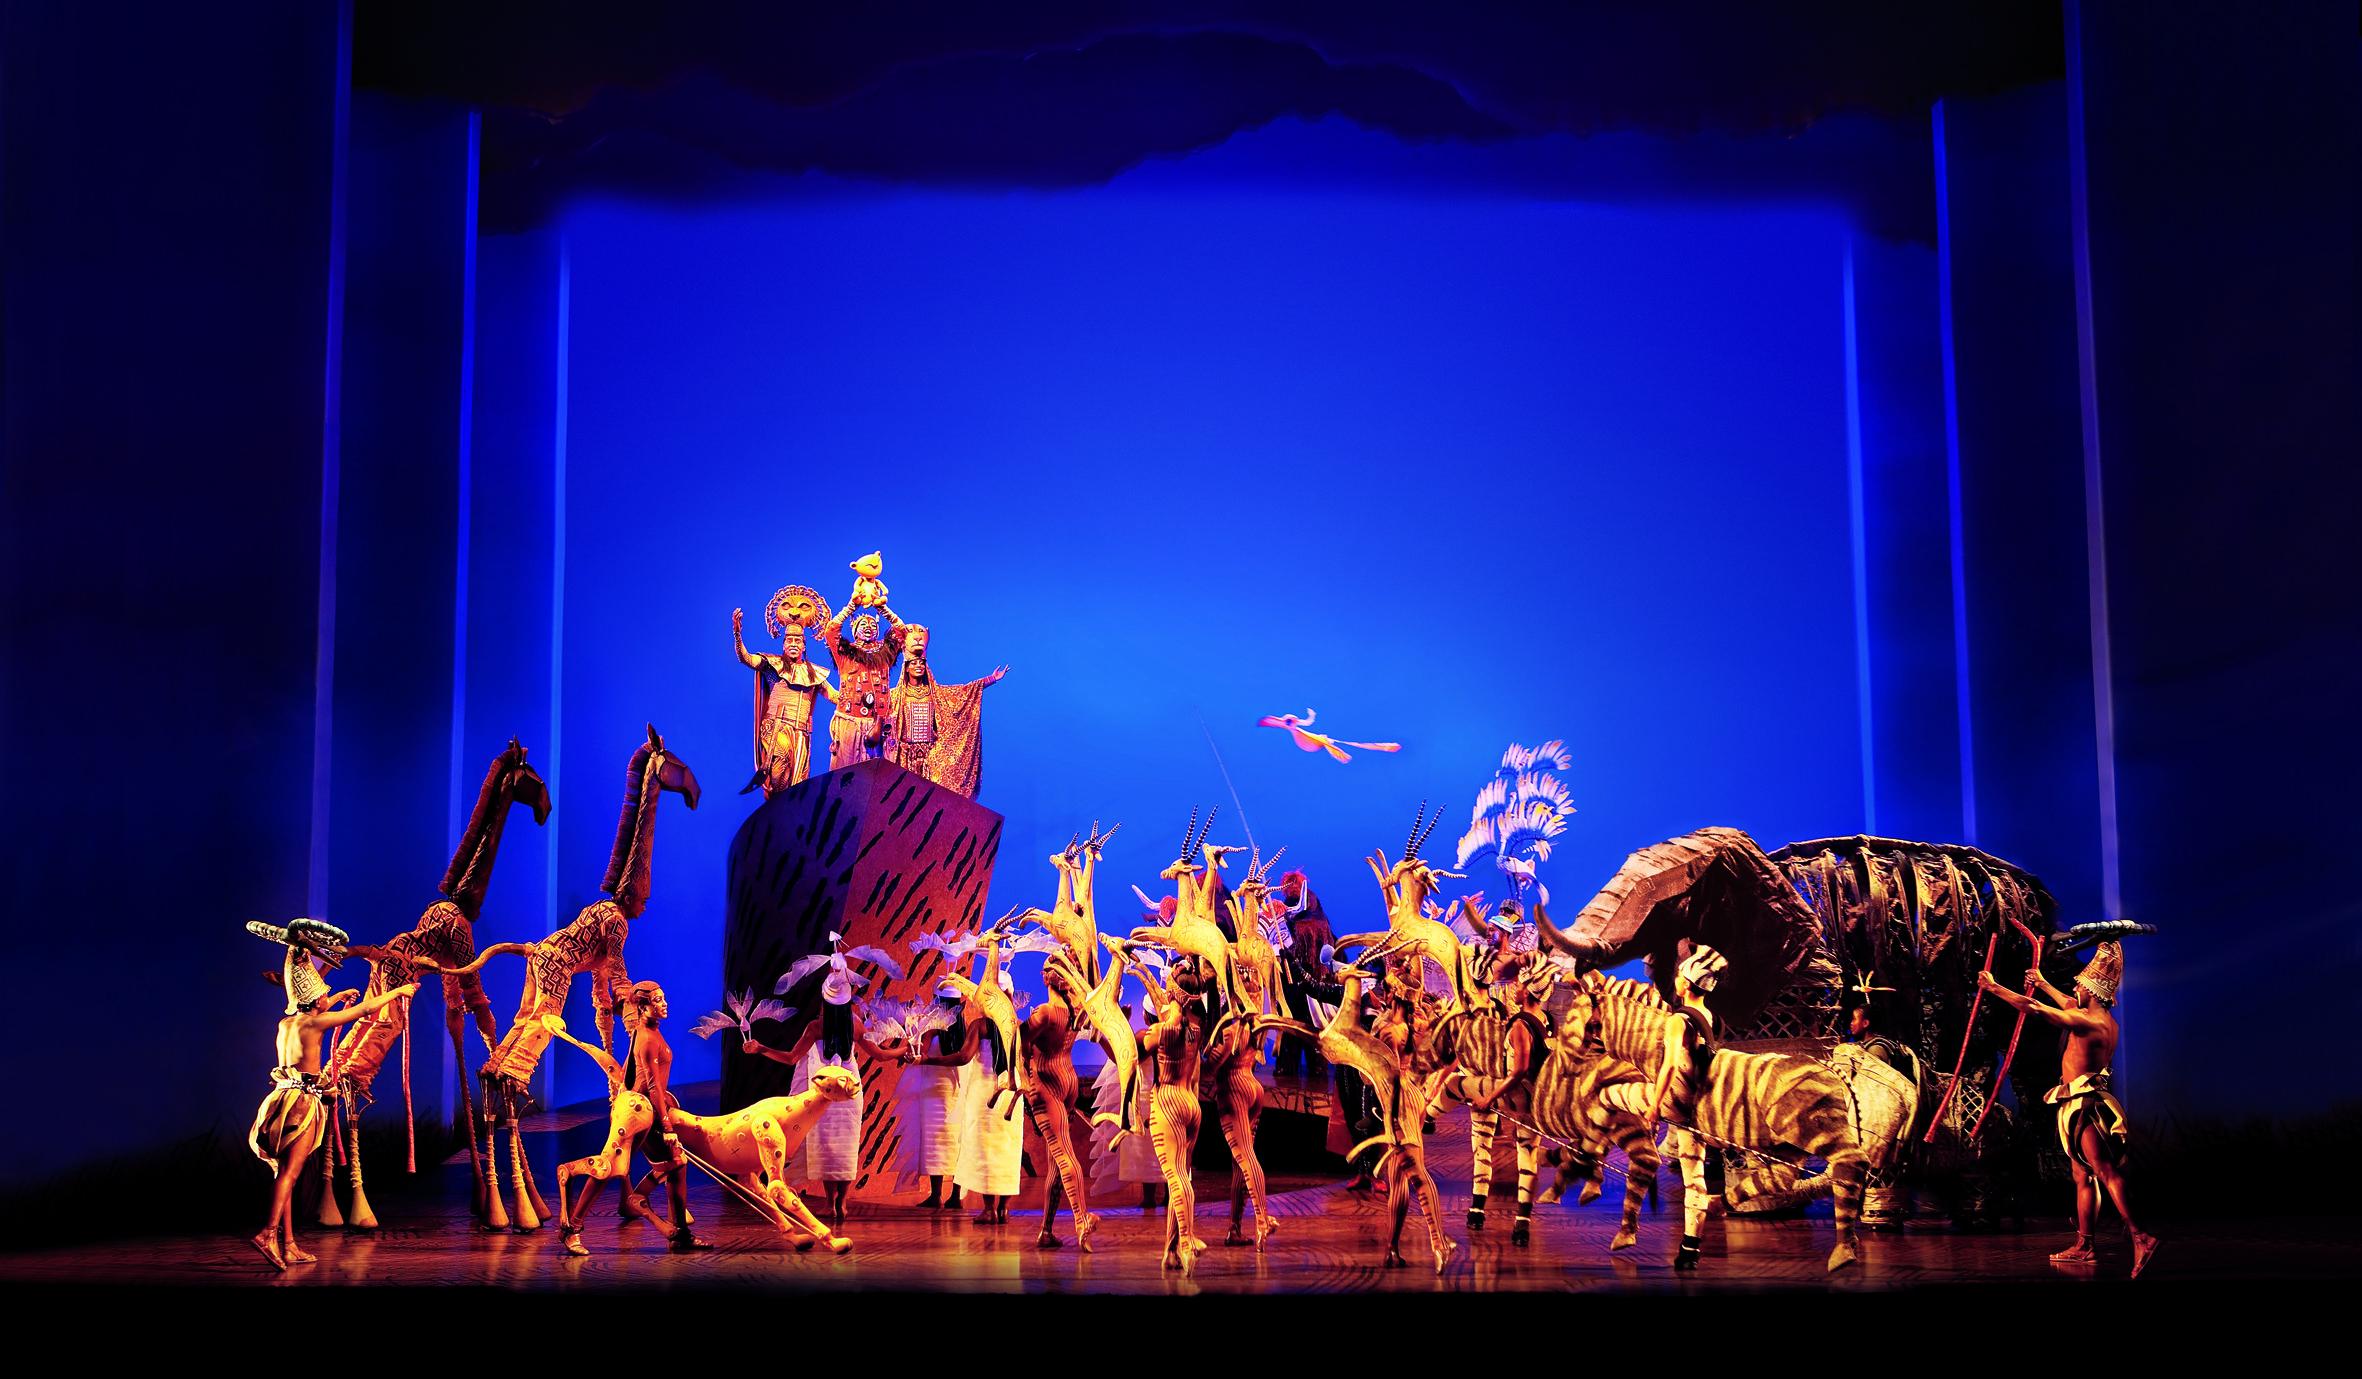 Disneys Der Konig Der Lowen Musical In Hamburg Theater Im Hafen Tickets Karten Und Gutsch Der Konig Der Lowen Musical Konig Der Lowen Musical In Hamburg